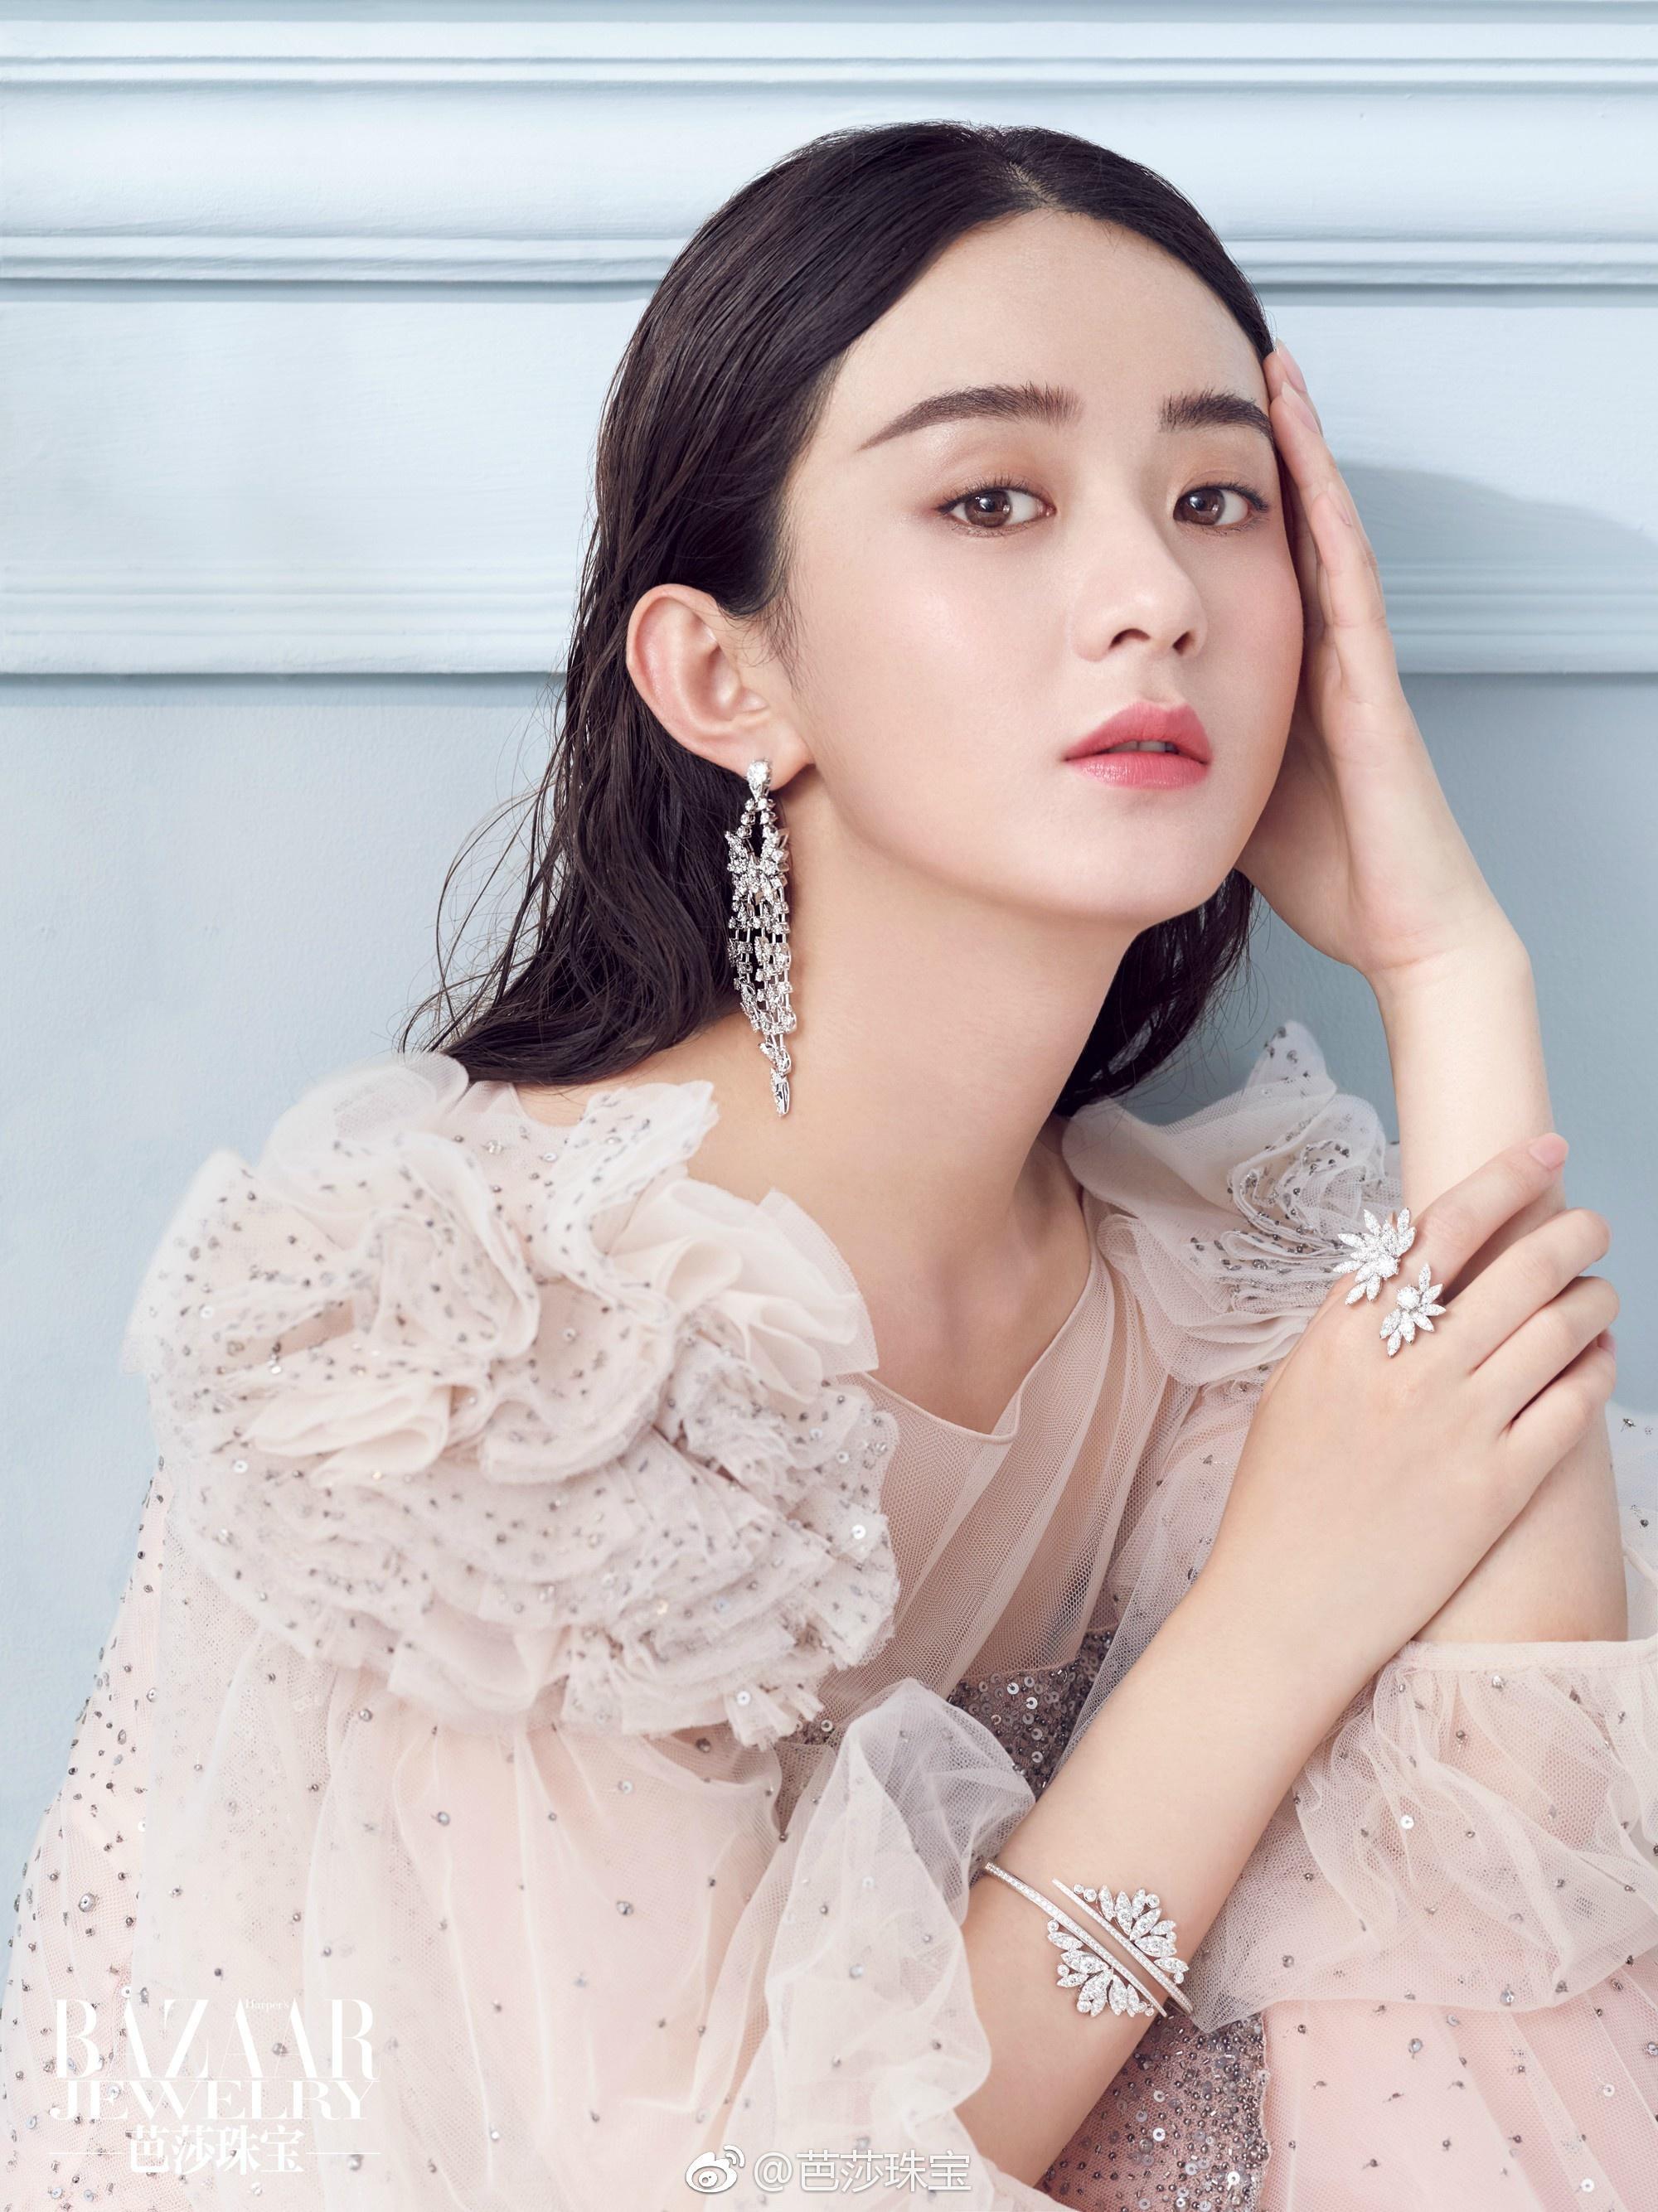 Triệu Lệ Dĩnh vượt mặt Phạm Băng Băng, trở thành ngôi sao quảng cáo hot nhất 2017-1